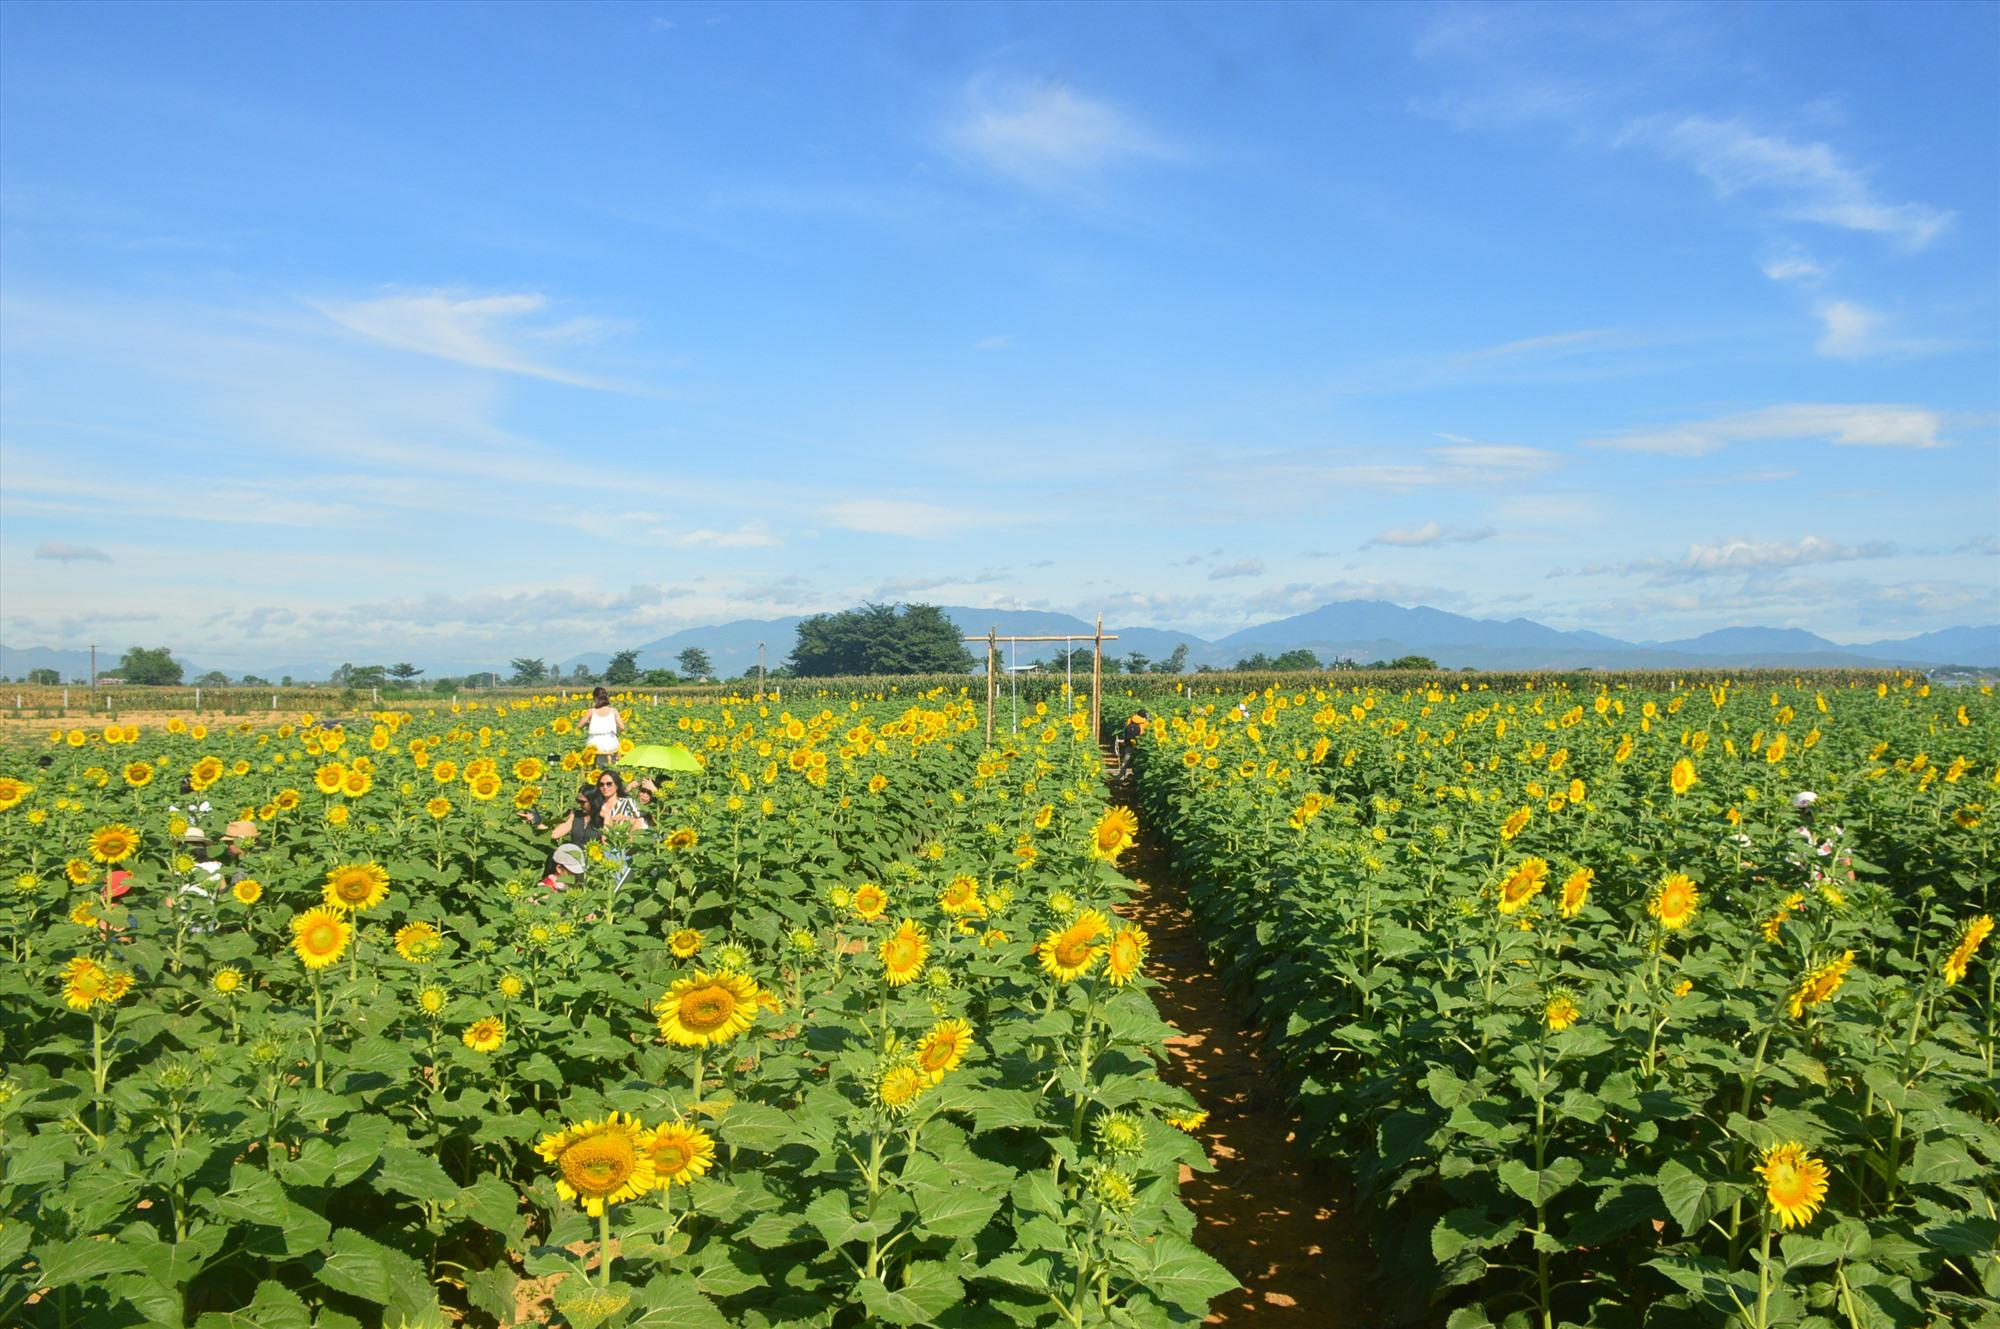 Cánh đồng hoa hướng dương ven sông Thu Bồn (thôn Kỳ Lam, xã Điện Quang) thu hút du khách gần xa tham quan. Ảnh: CT